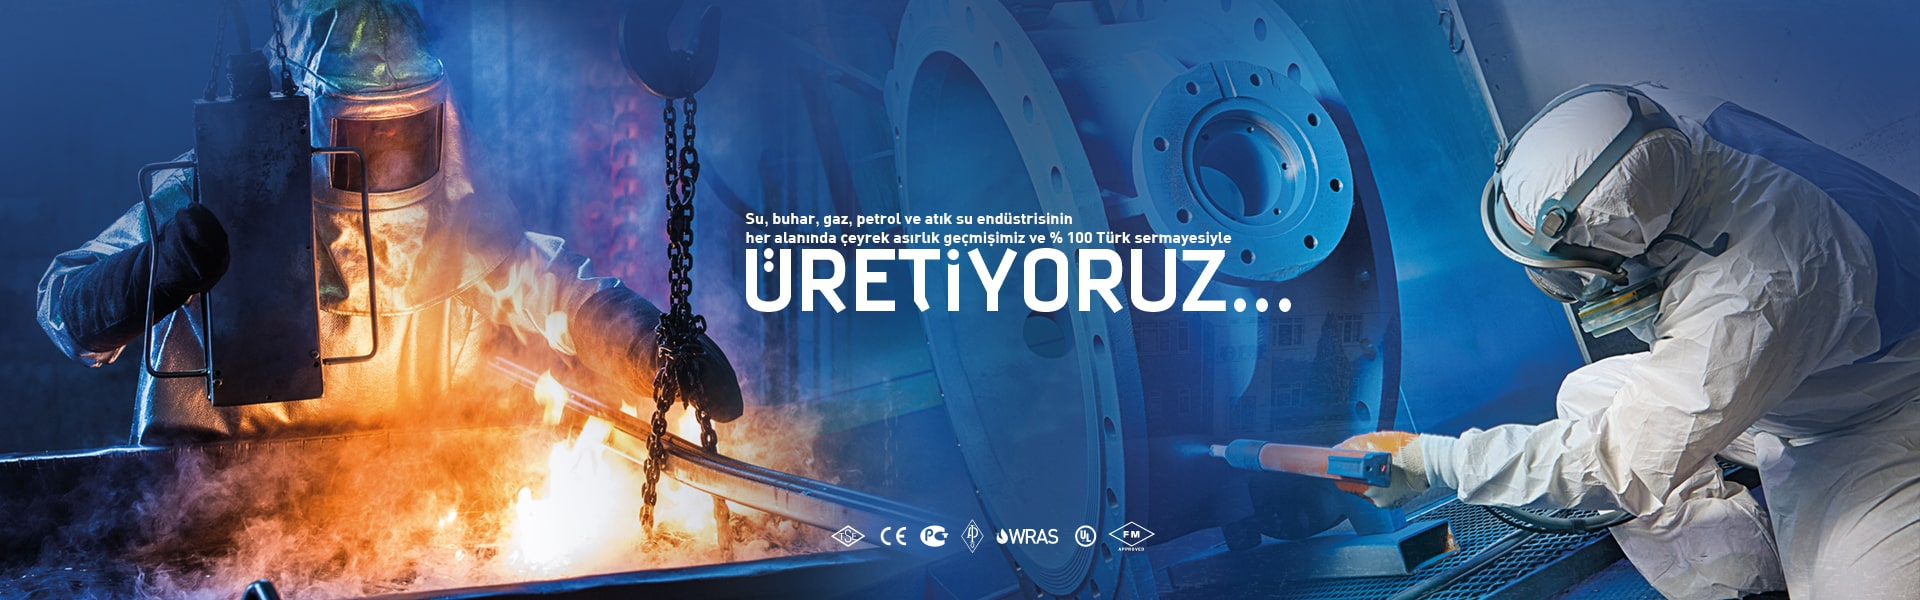 Su, buhar, gaz, petrol ve atık su endüstrisinin her alanında çeyrek asırlık geçmişimiz ve % 100 Türk sermayesiyle ü